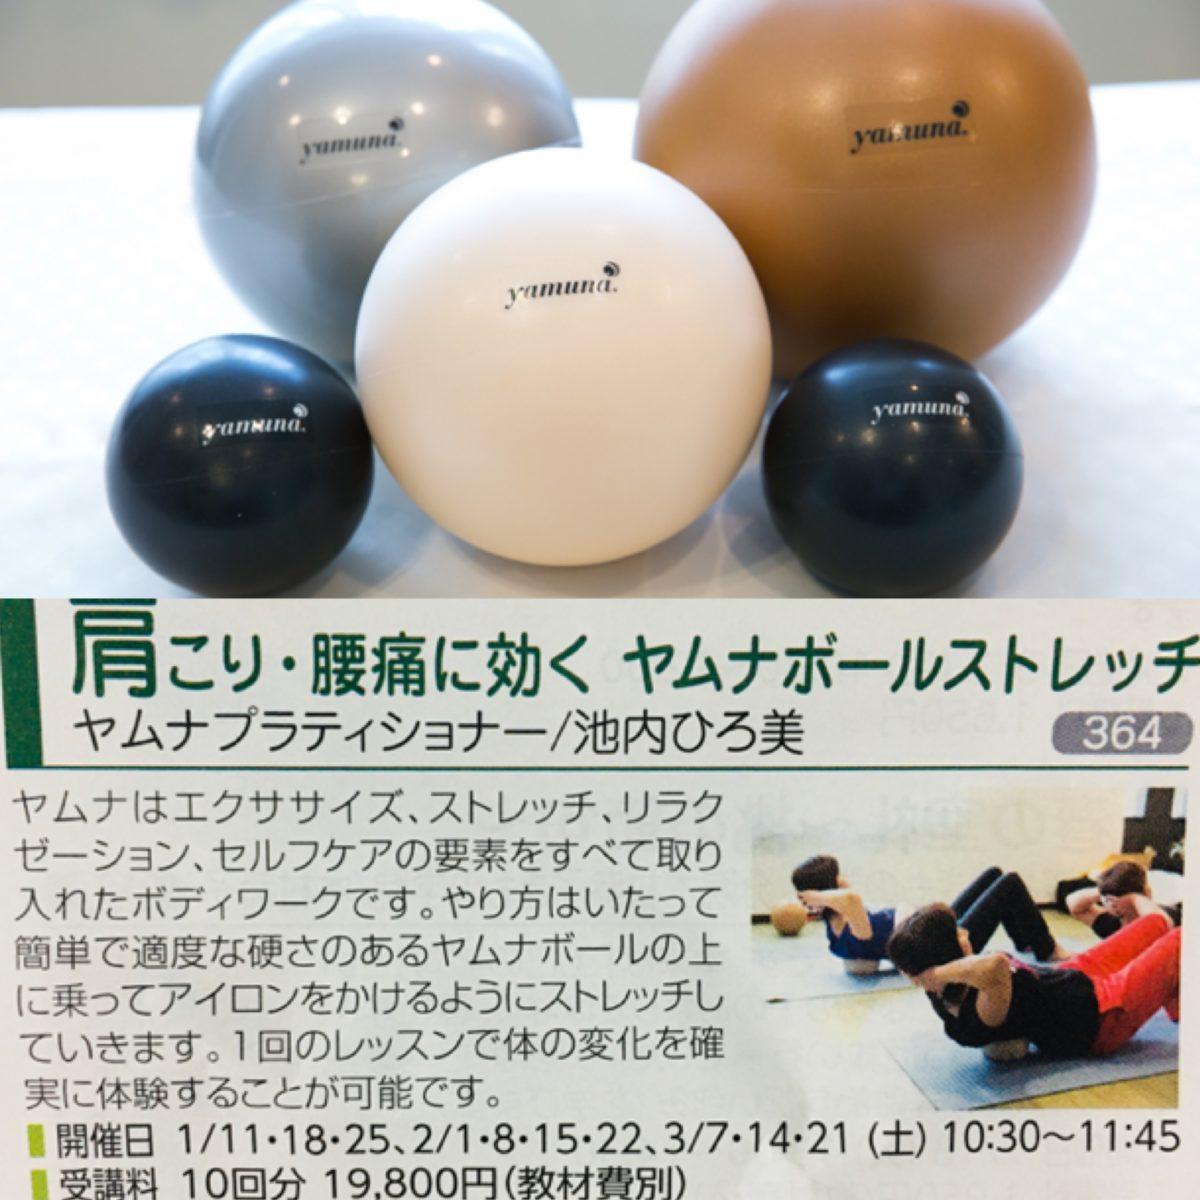 肩こり・腰痛に効く!ヤムナボール ストレッチ講座☆2020年1月スタート